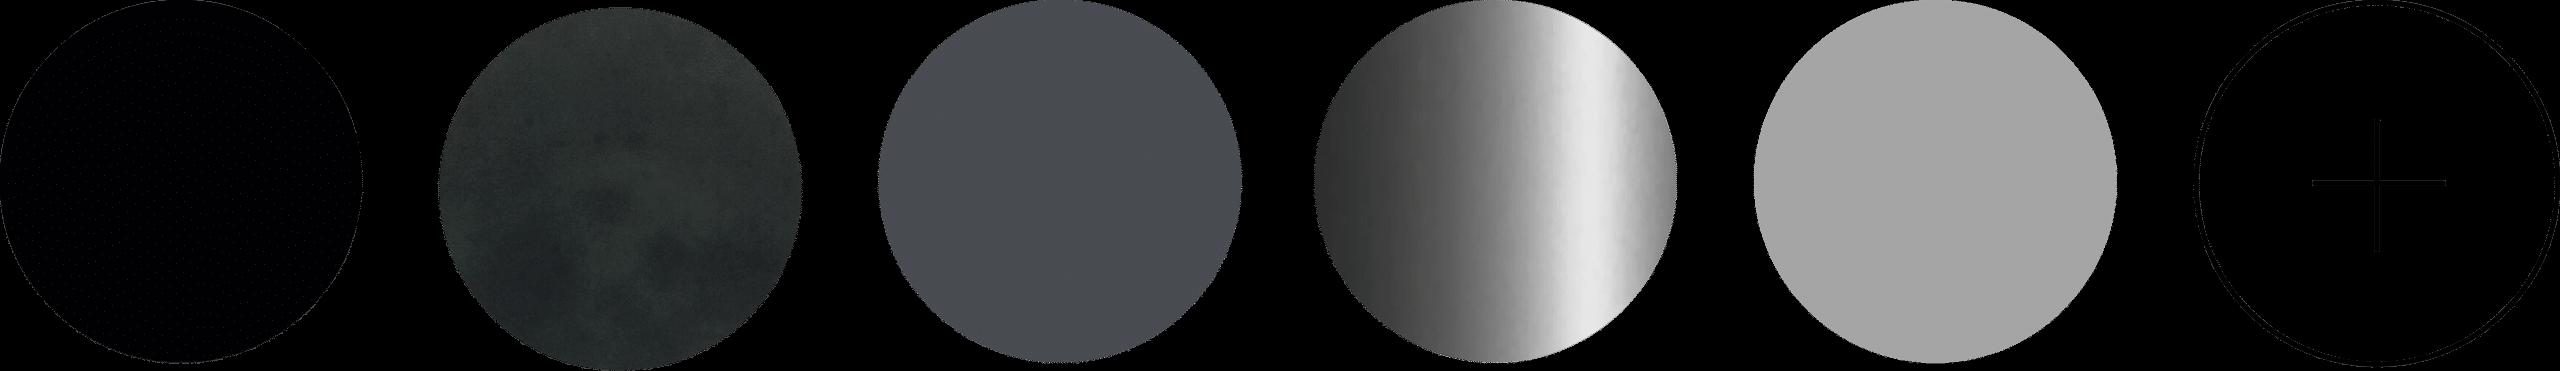 6 verschillende Metaal bolletjes in donker en lichte tinten